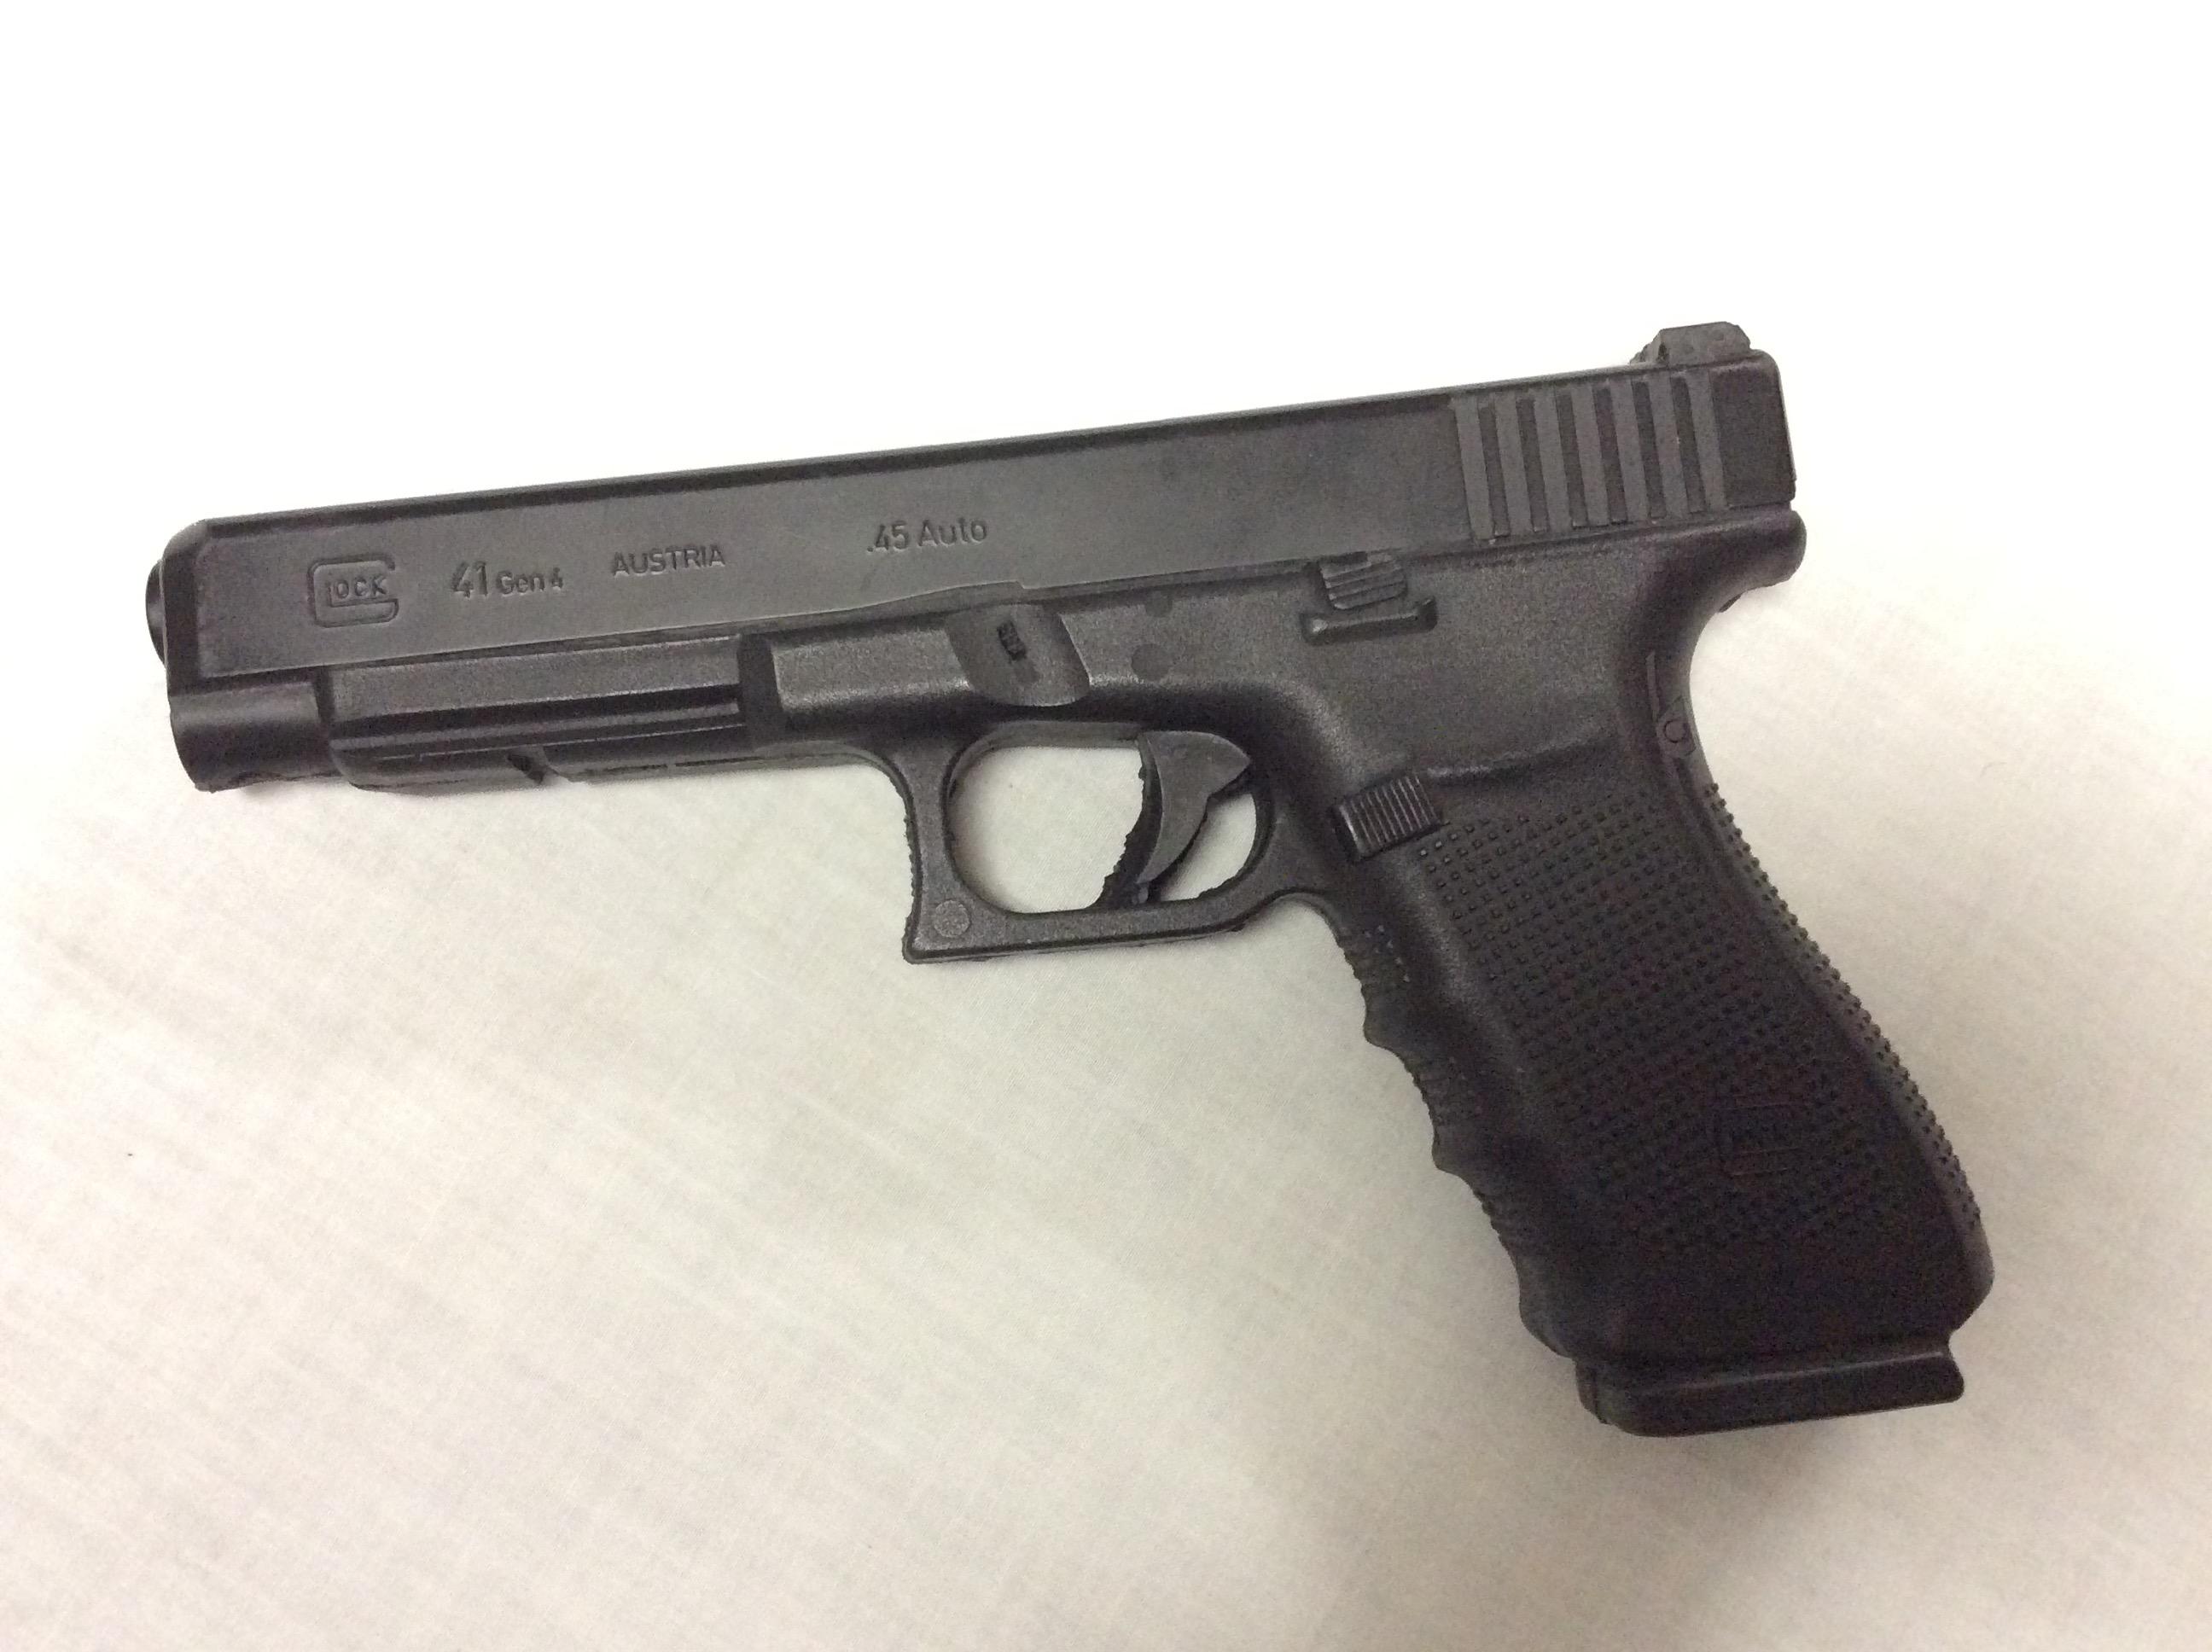 Glock 41/45